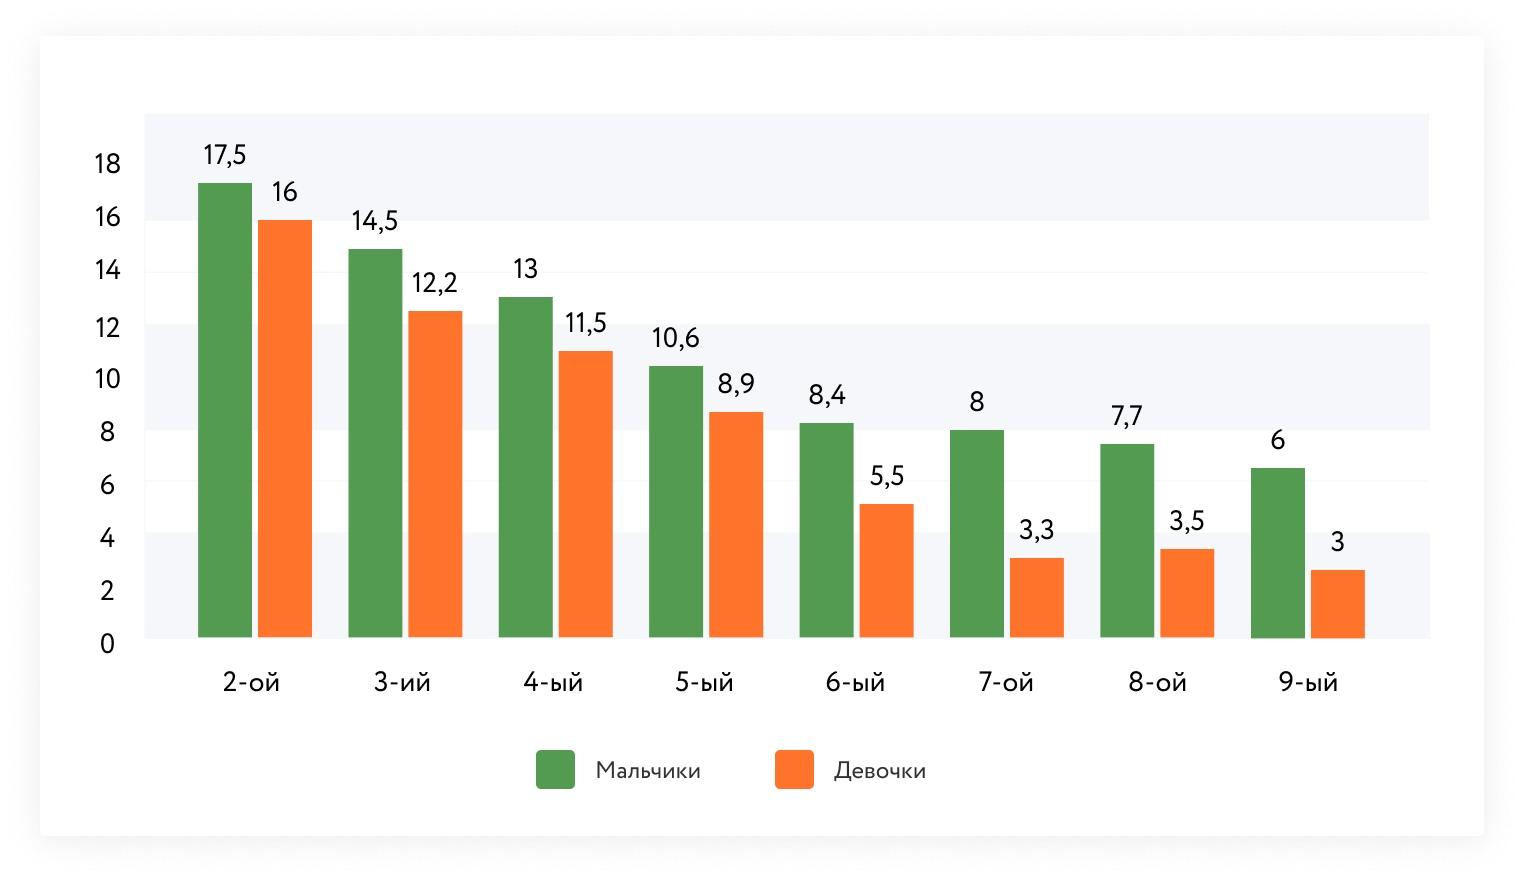 Частота проявления буллинга в школе в зависимости от пола и возраста детей